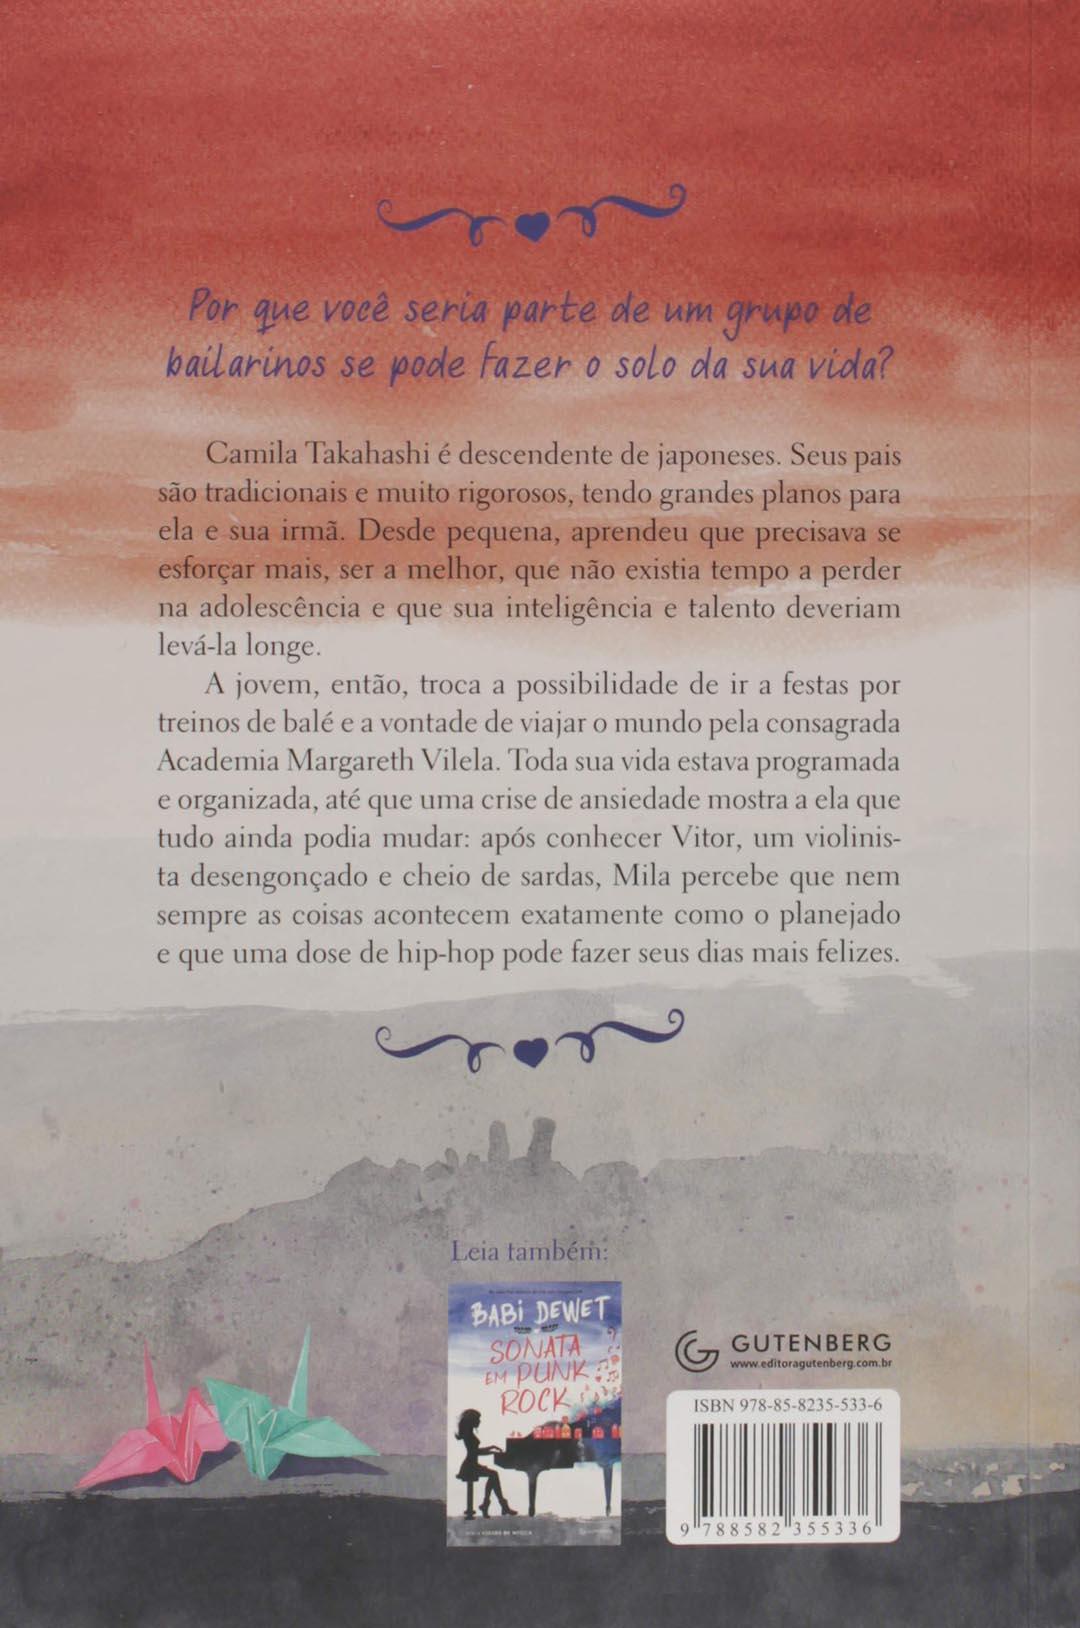 Allegro em Hip-Hop  - LiteraRUA